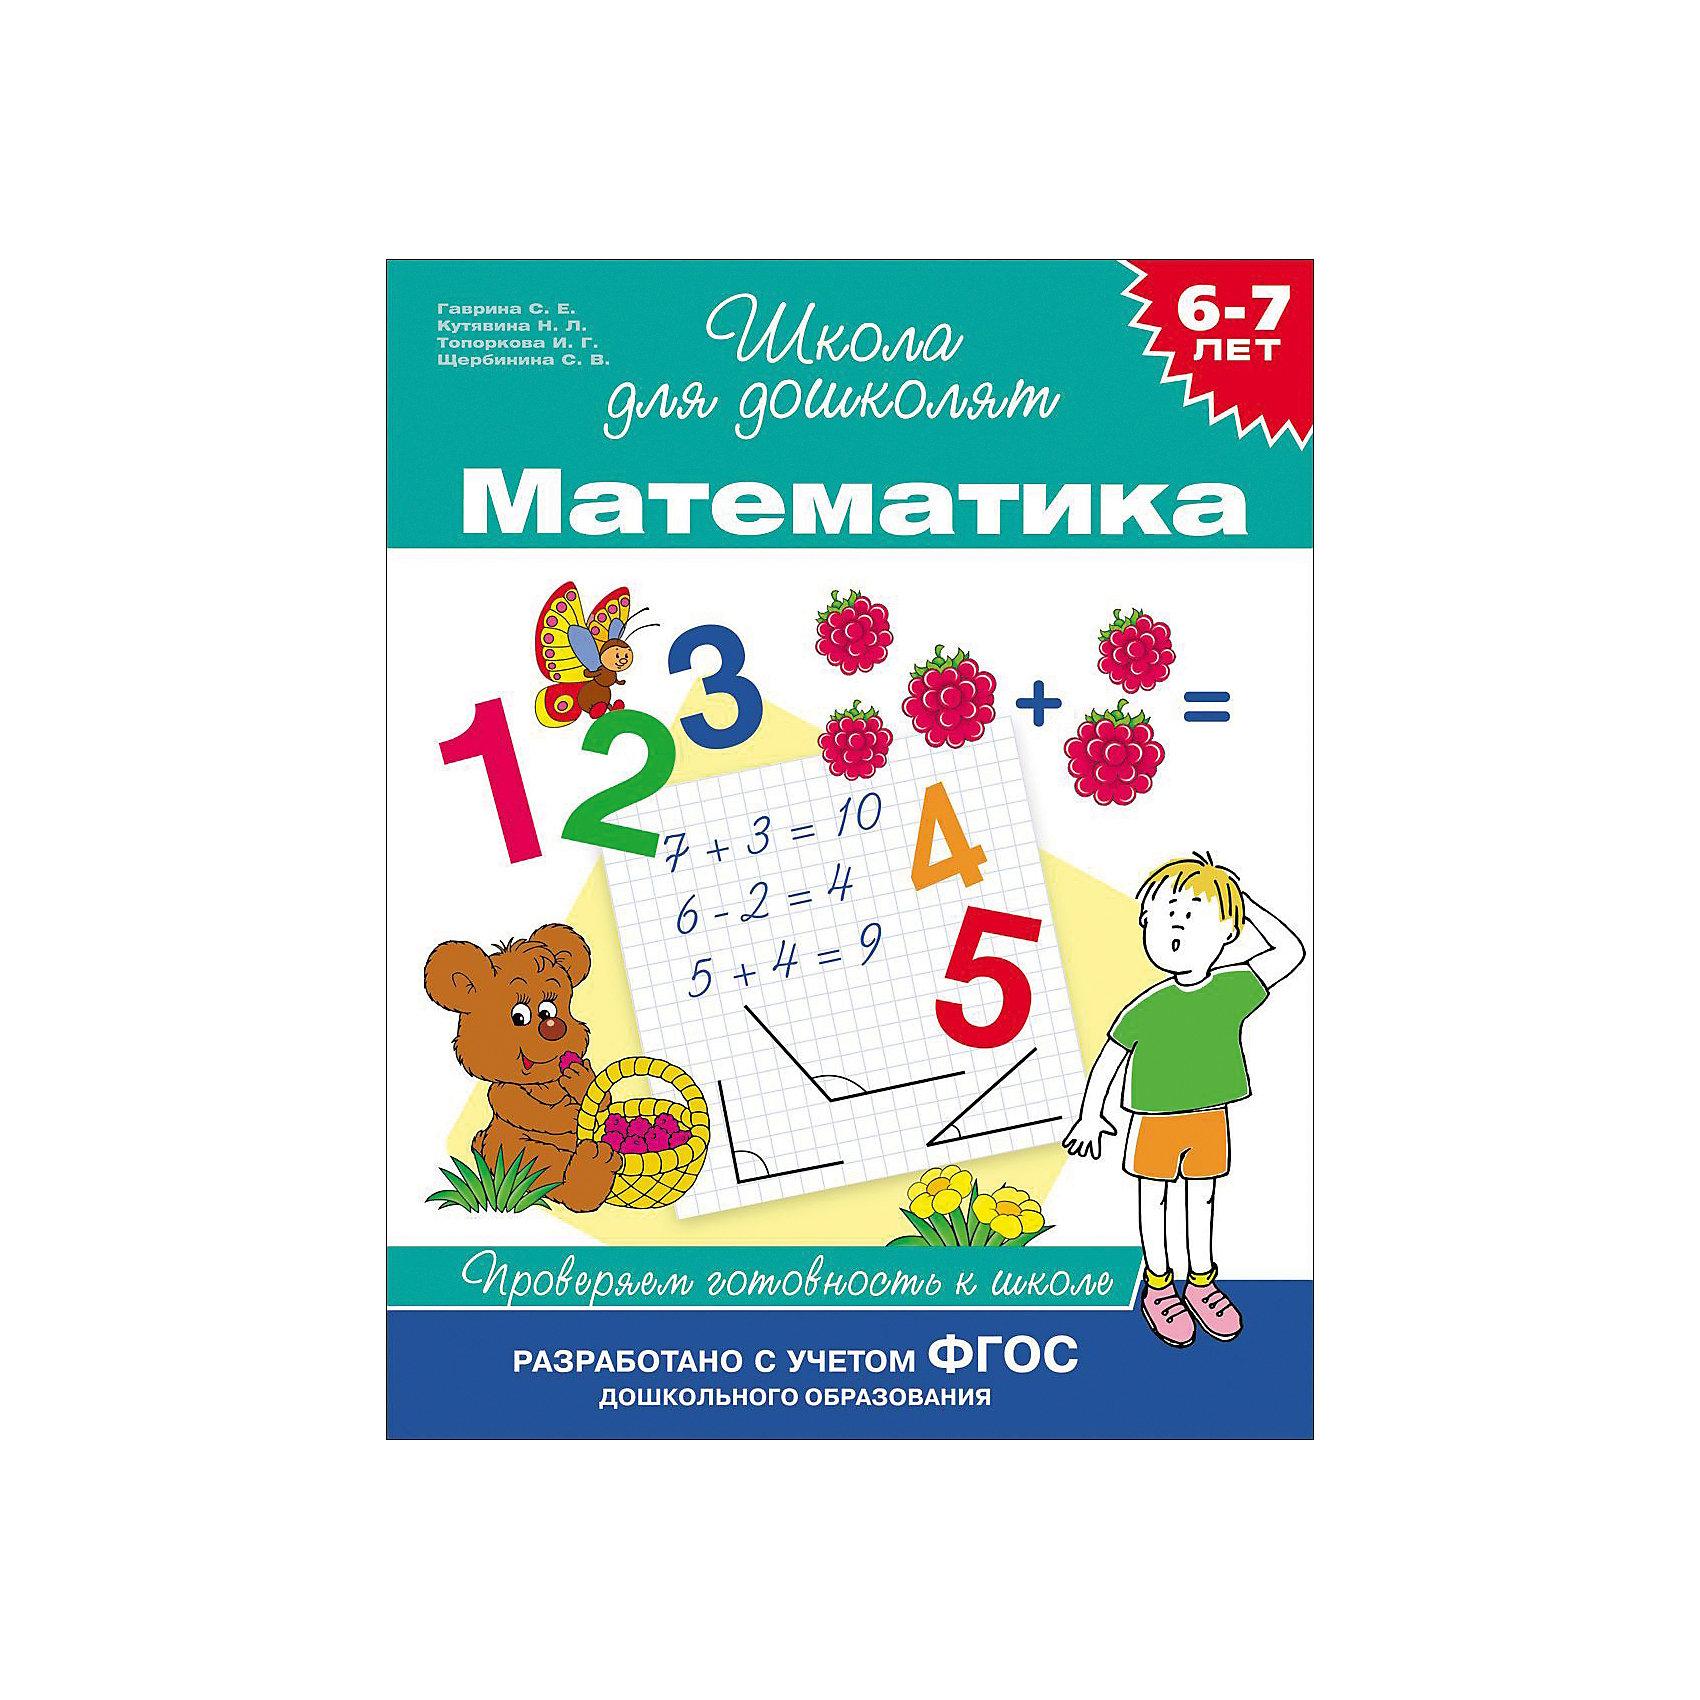 Математика: проверяем готовность к школе, 6-7 летПособия для обучения счёту<br>Книга Математика. Проверяем готовность к школе, 6-7 лет. <br><br>Характеристики:<br><br>• ISBN: 9785353068617 <br>• Количество страниц: 96<br>• Формат: А4   <br>• Обложка: твердая <br><br>Эта книга предназначена для занятий с детьми старшего дошкольного возраста. Ее авторами являются квалифицированные педагоги и психологи, поэтому все задания и рекомендации разработаны на основе ФГОС. В данной книге содержатся задания, которые помогут в подготовке ребенка к школе. Ее могут использовать не только воспитатели, но  и родители, так как эта книга удобна и проста для понимания.<br><br>Книга Математика. Проверяем готовность к школе, 6-7 лет. можно купить в нашем интернет-магазине.<br><br>Ширина мм: 255<br>Глубина мм: 195<br>Высота мм: 40<br>Вес г: 190<br>Возраст от месяцев: 60<br>Возраст до месяцев: 2147483647<br>Пол: Унисекс<br>Возраст: Детский<br>SKU: 5507112